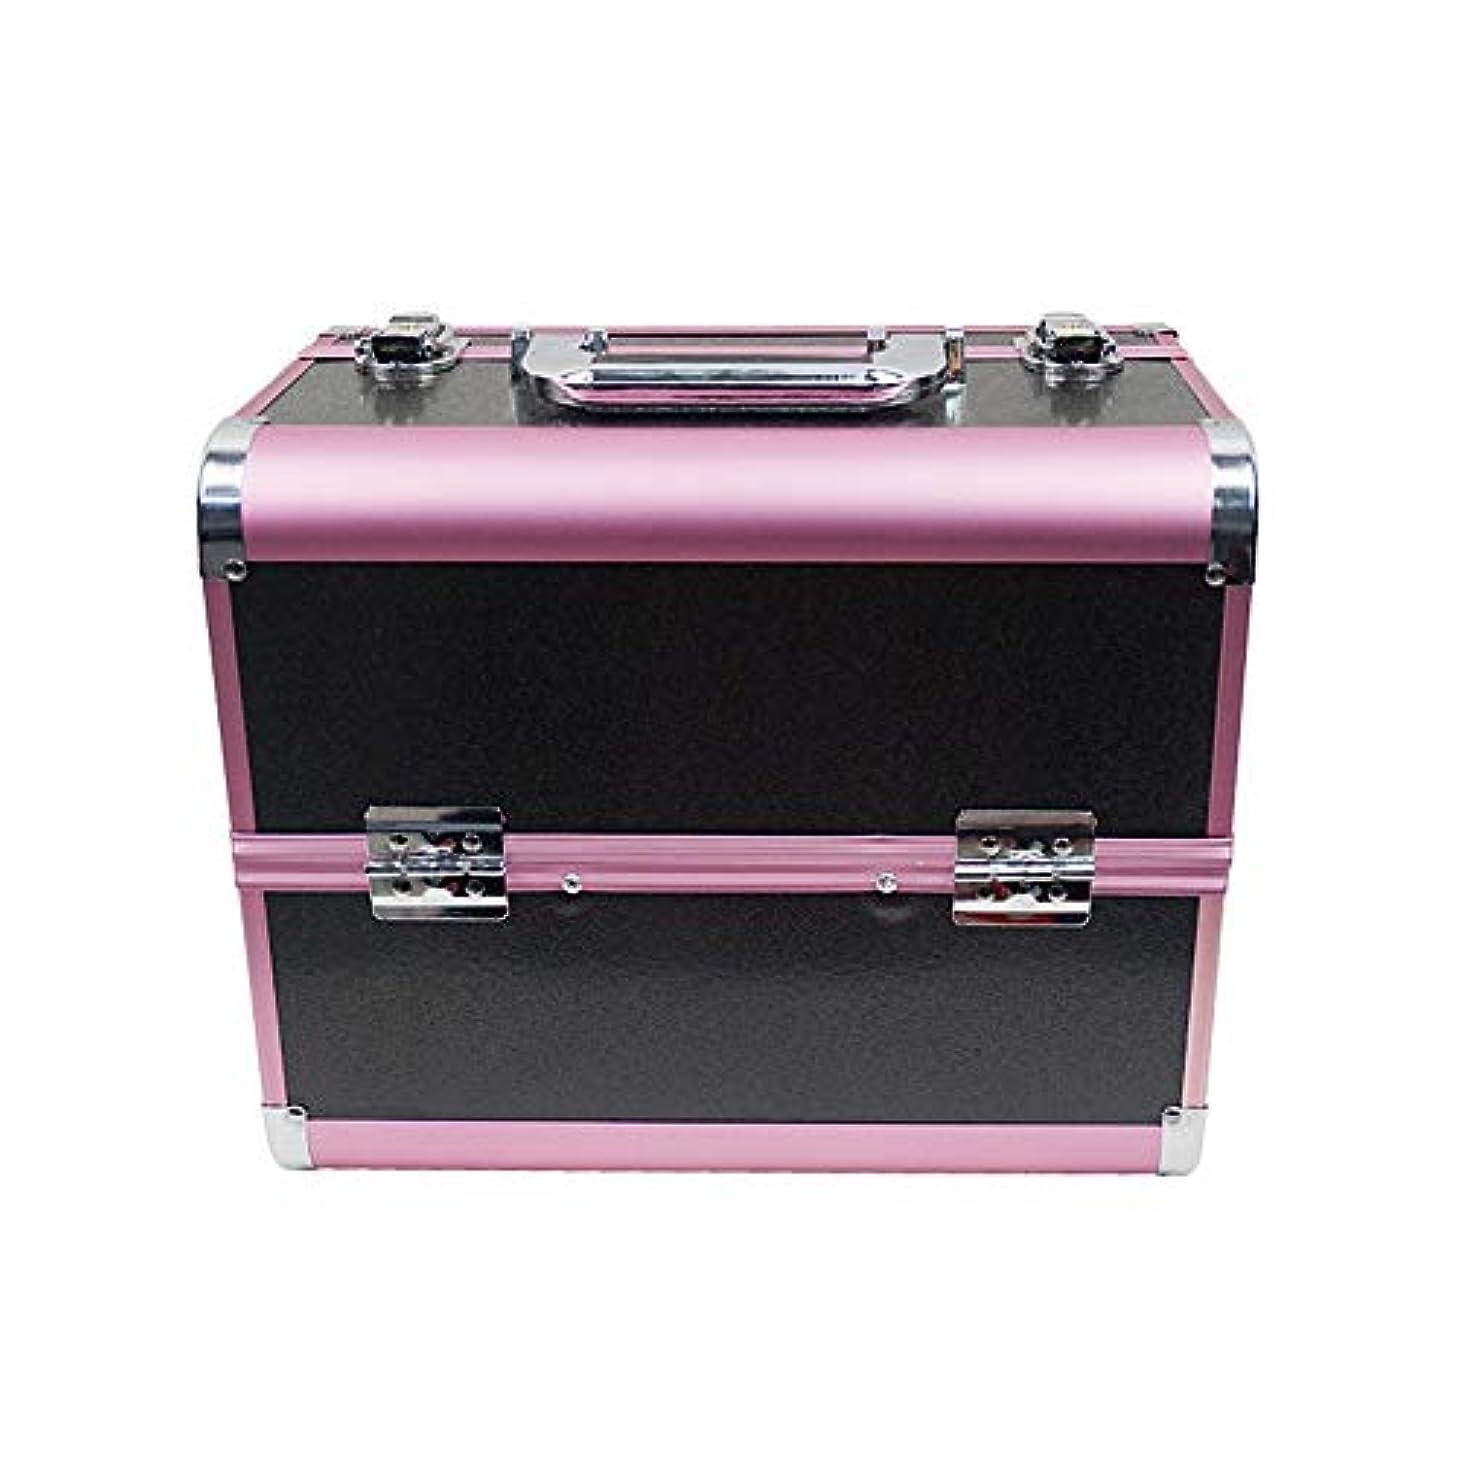 メディック国パーフェルビッド化粧オーガナイザーバッグ 大容量ポータブル化粧ケース(トラベルアクセサリー用)シャンプーボディウォッシュパーソナルアイテム収納トレイ 化粧品ケース